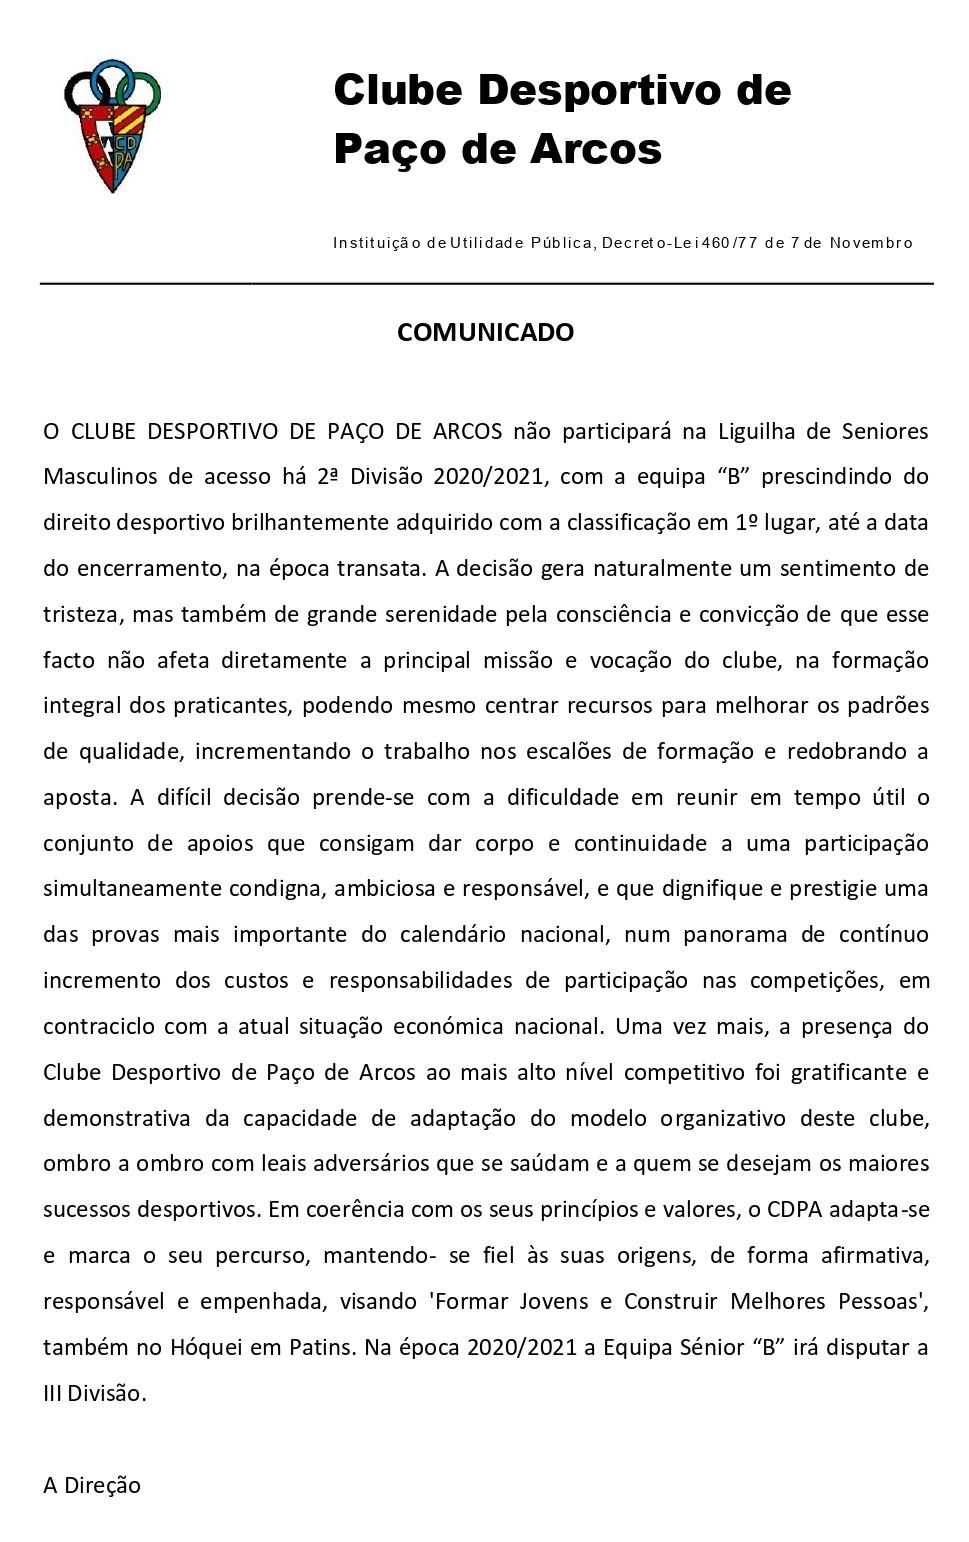 Comunicado - Liguilha de acesso à 2ª Divisão